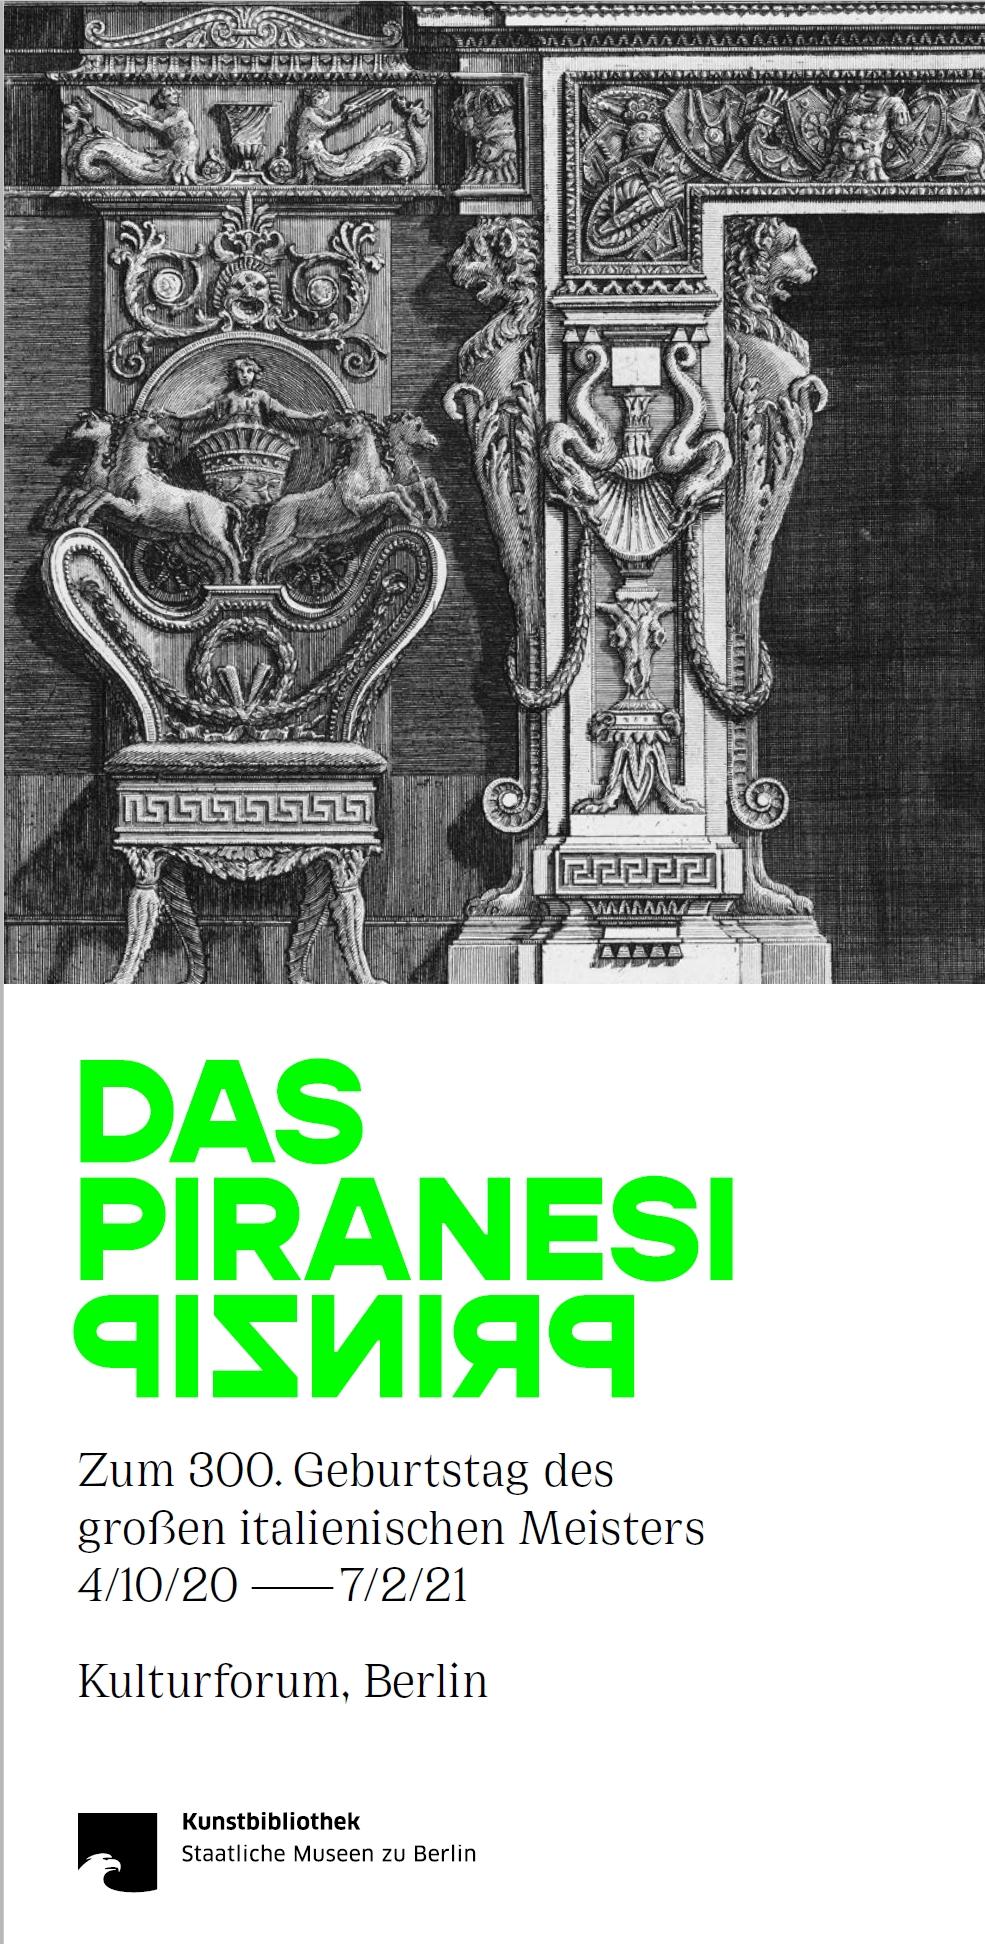 G.B. Piranesi, Kunstbibliothek Hdz6828 verso, Foto D. Katz